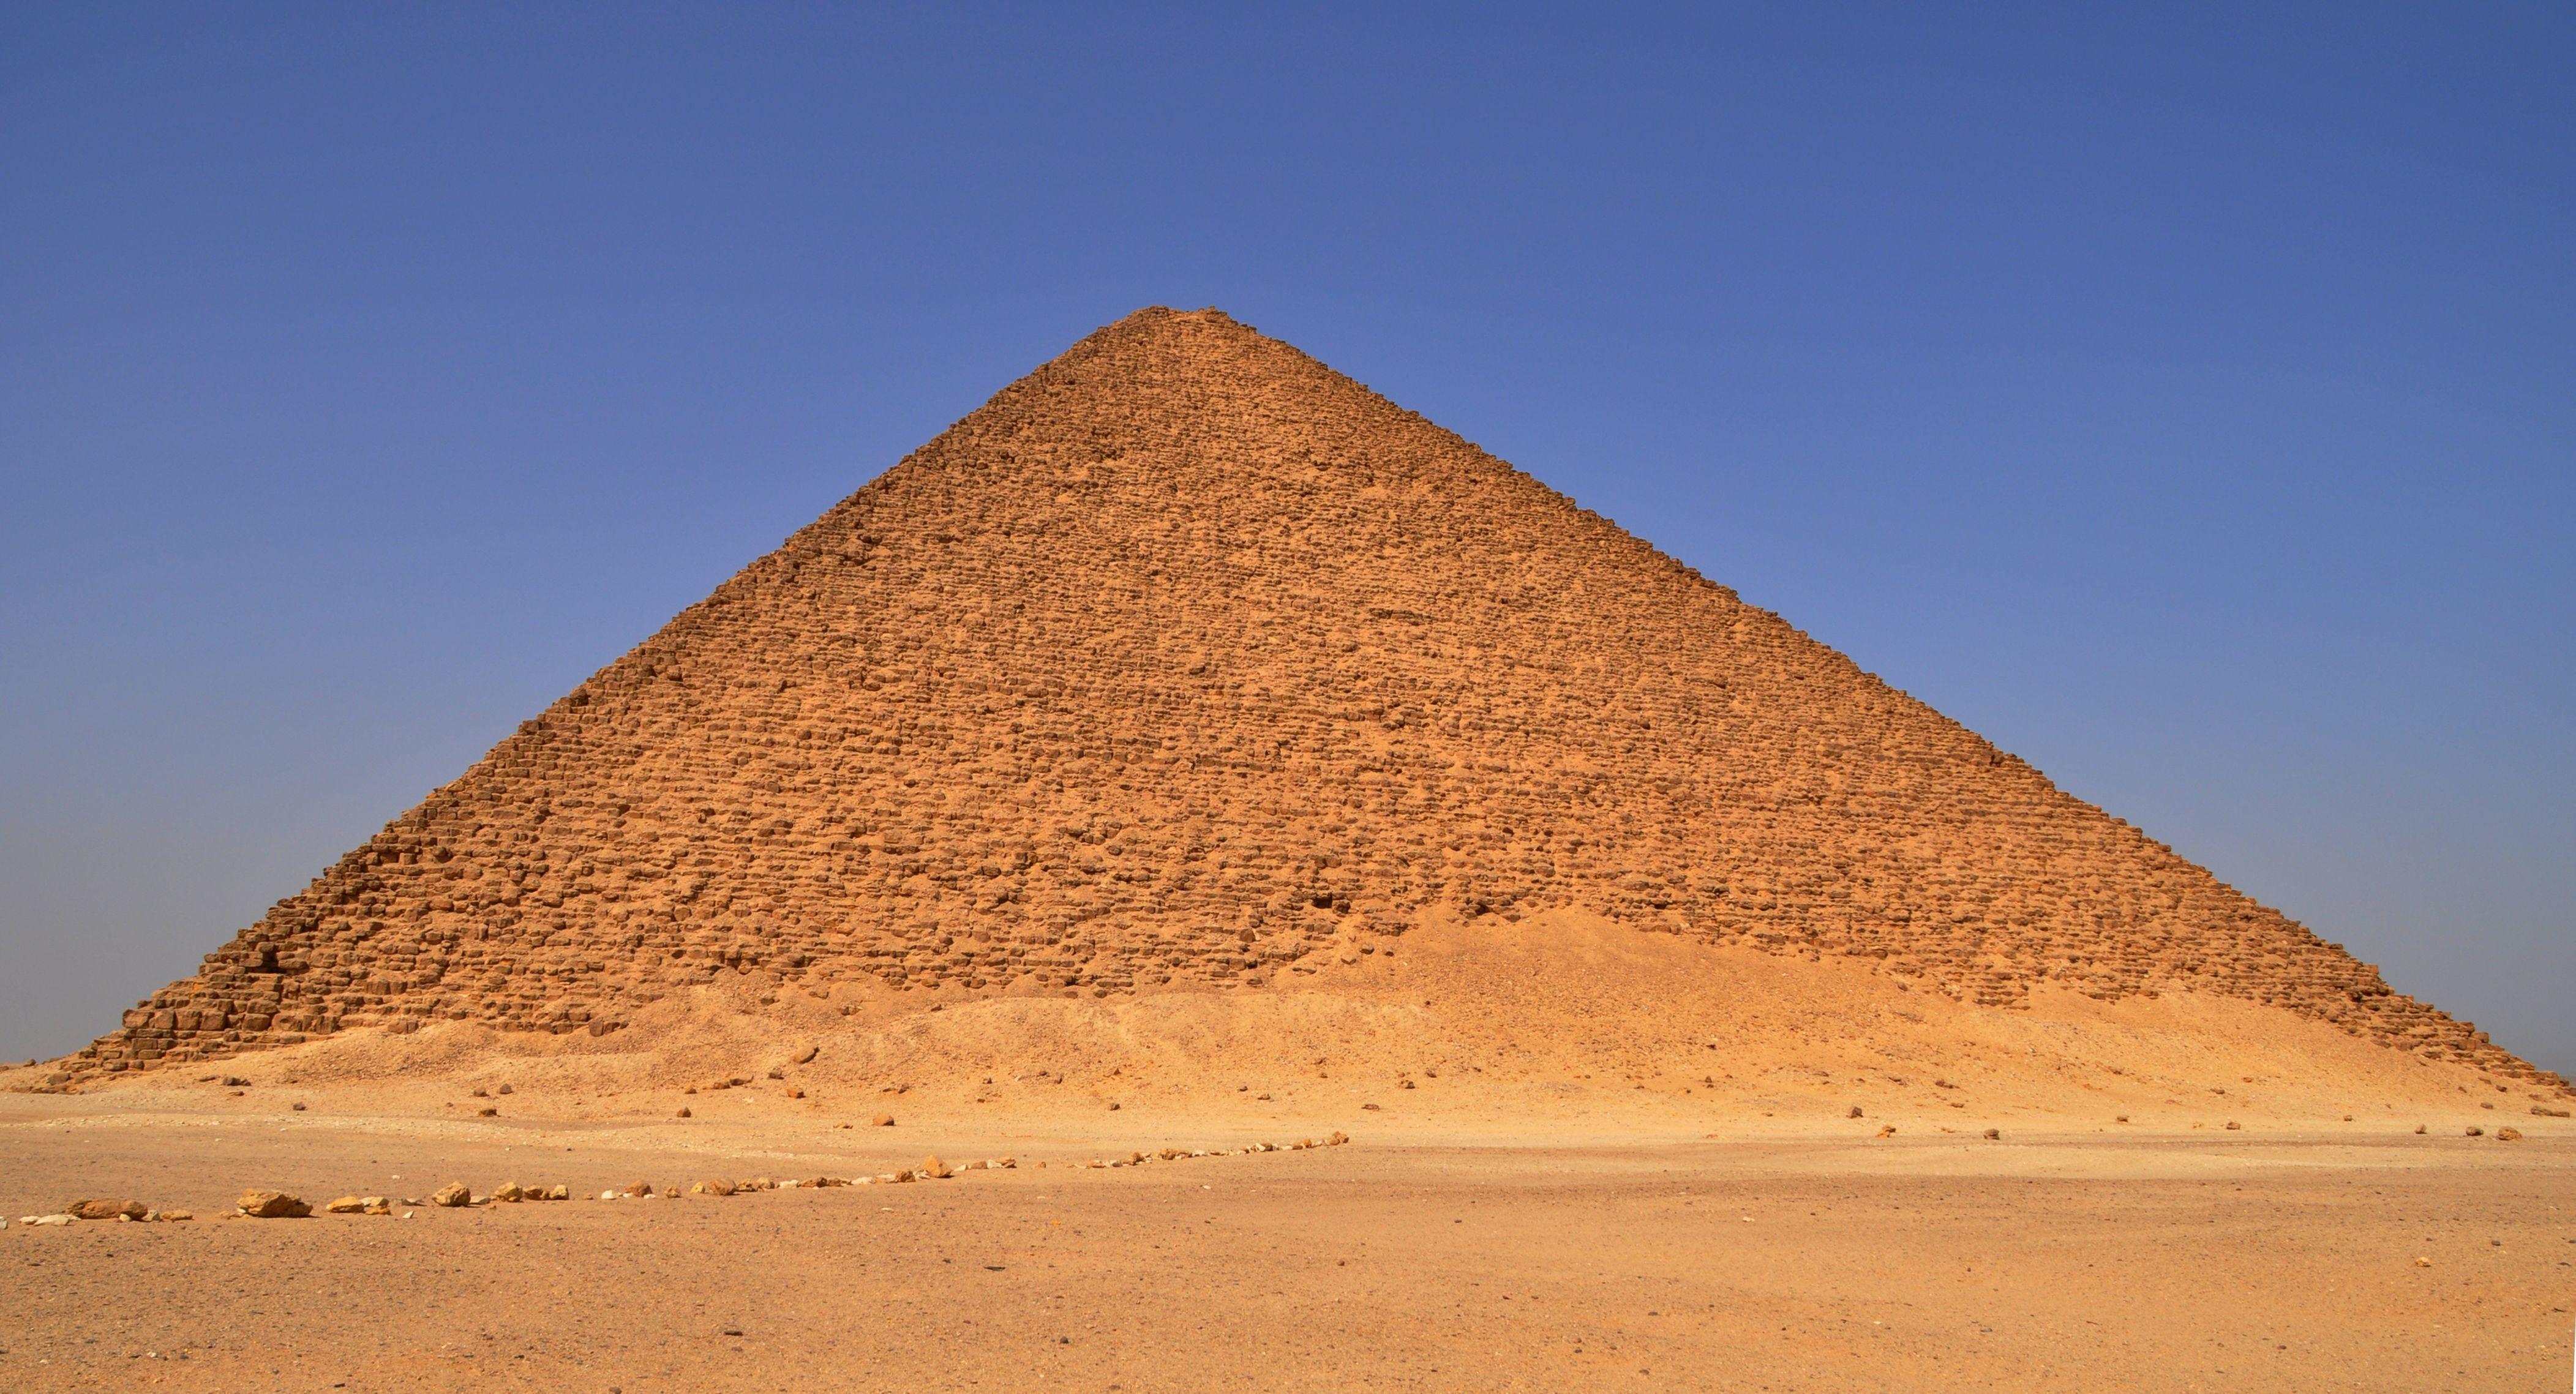 La Piramide Roja De Snefru Dashur Iv Dinastia Debe Su Nombre Al